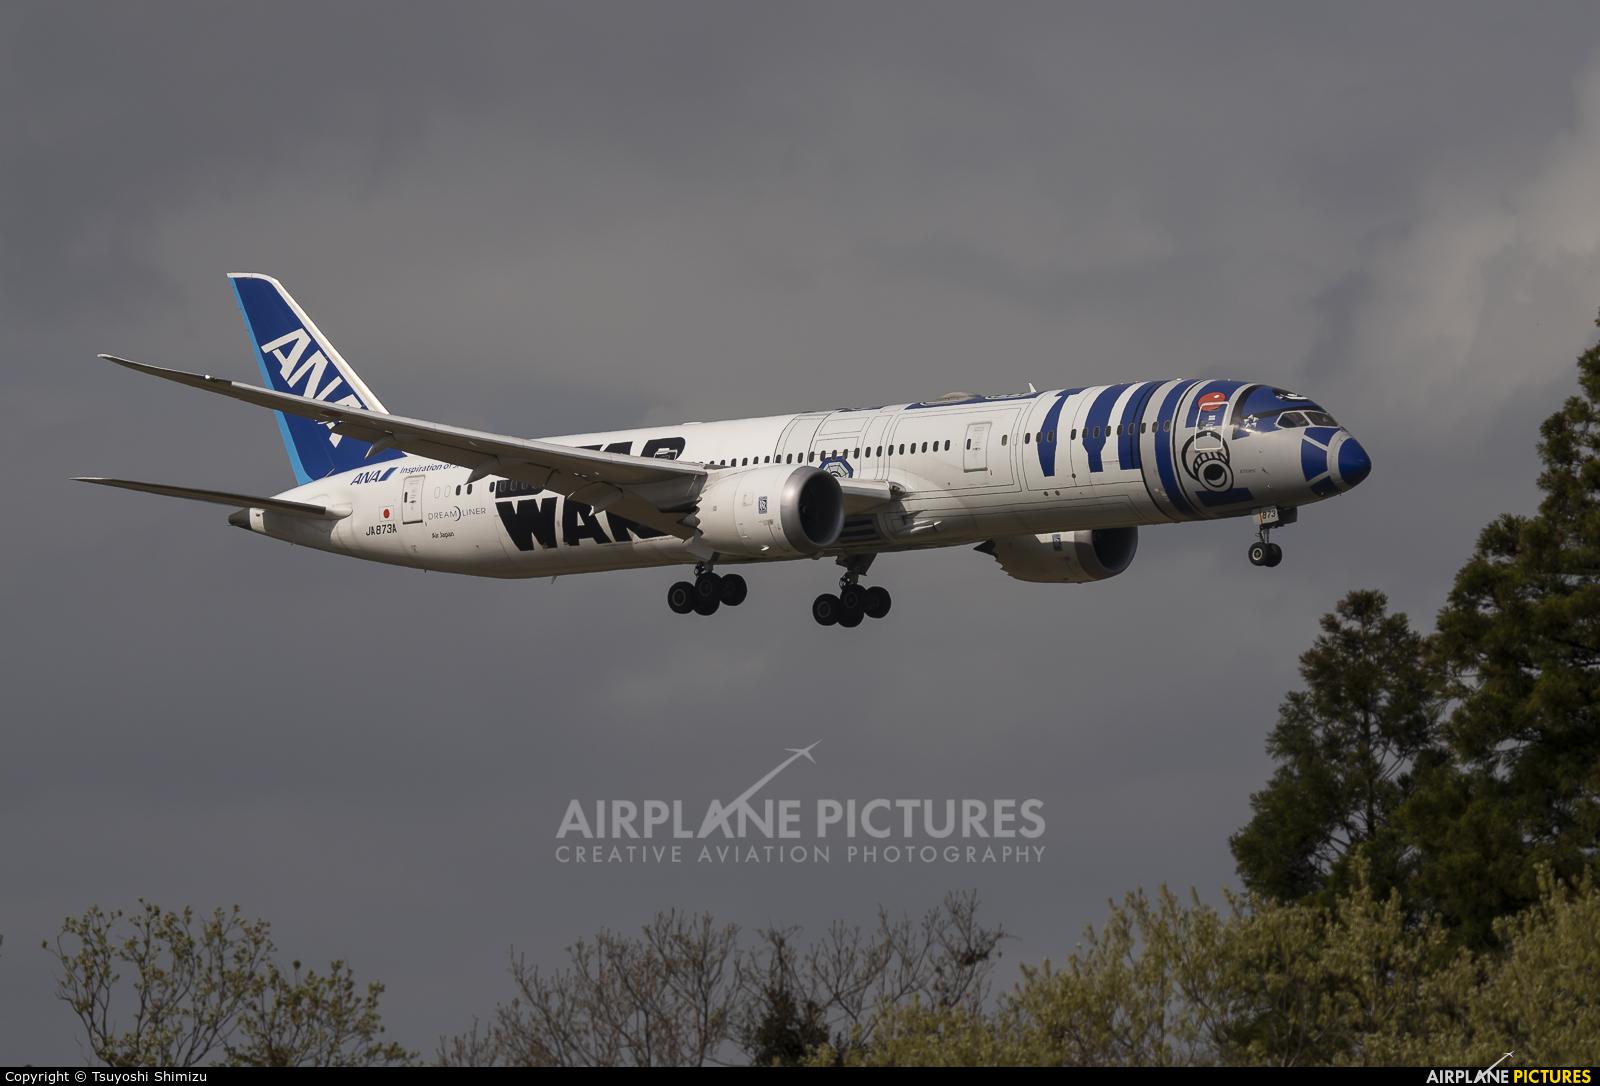 ANA - All Nippon Airways JA873A aircraft at Tokyo - Narita Intl